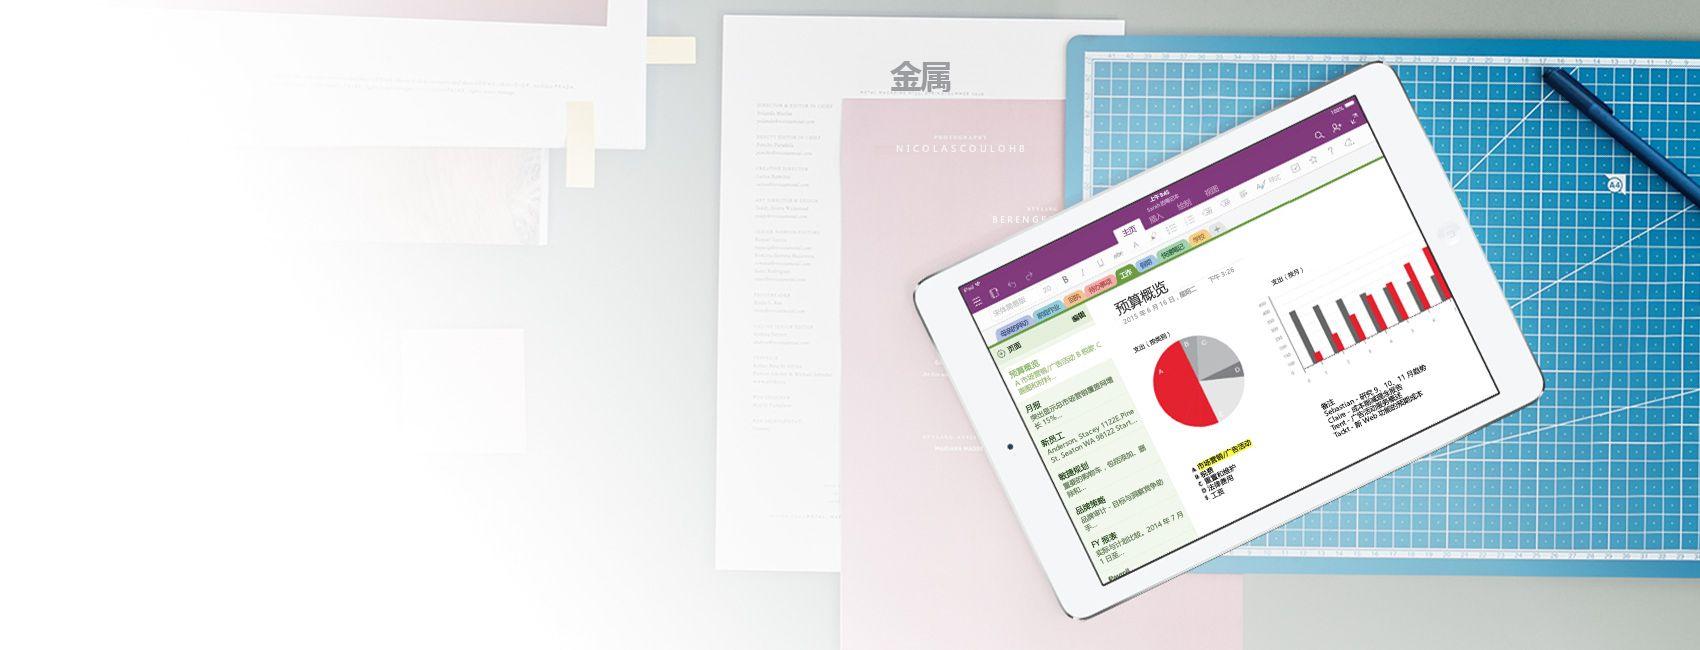 显示 OneNote 笔记本以及预算概况图表和图形的 iPad